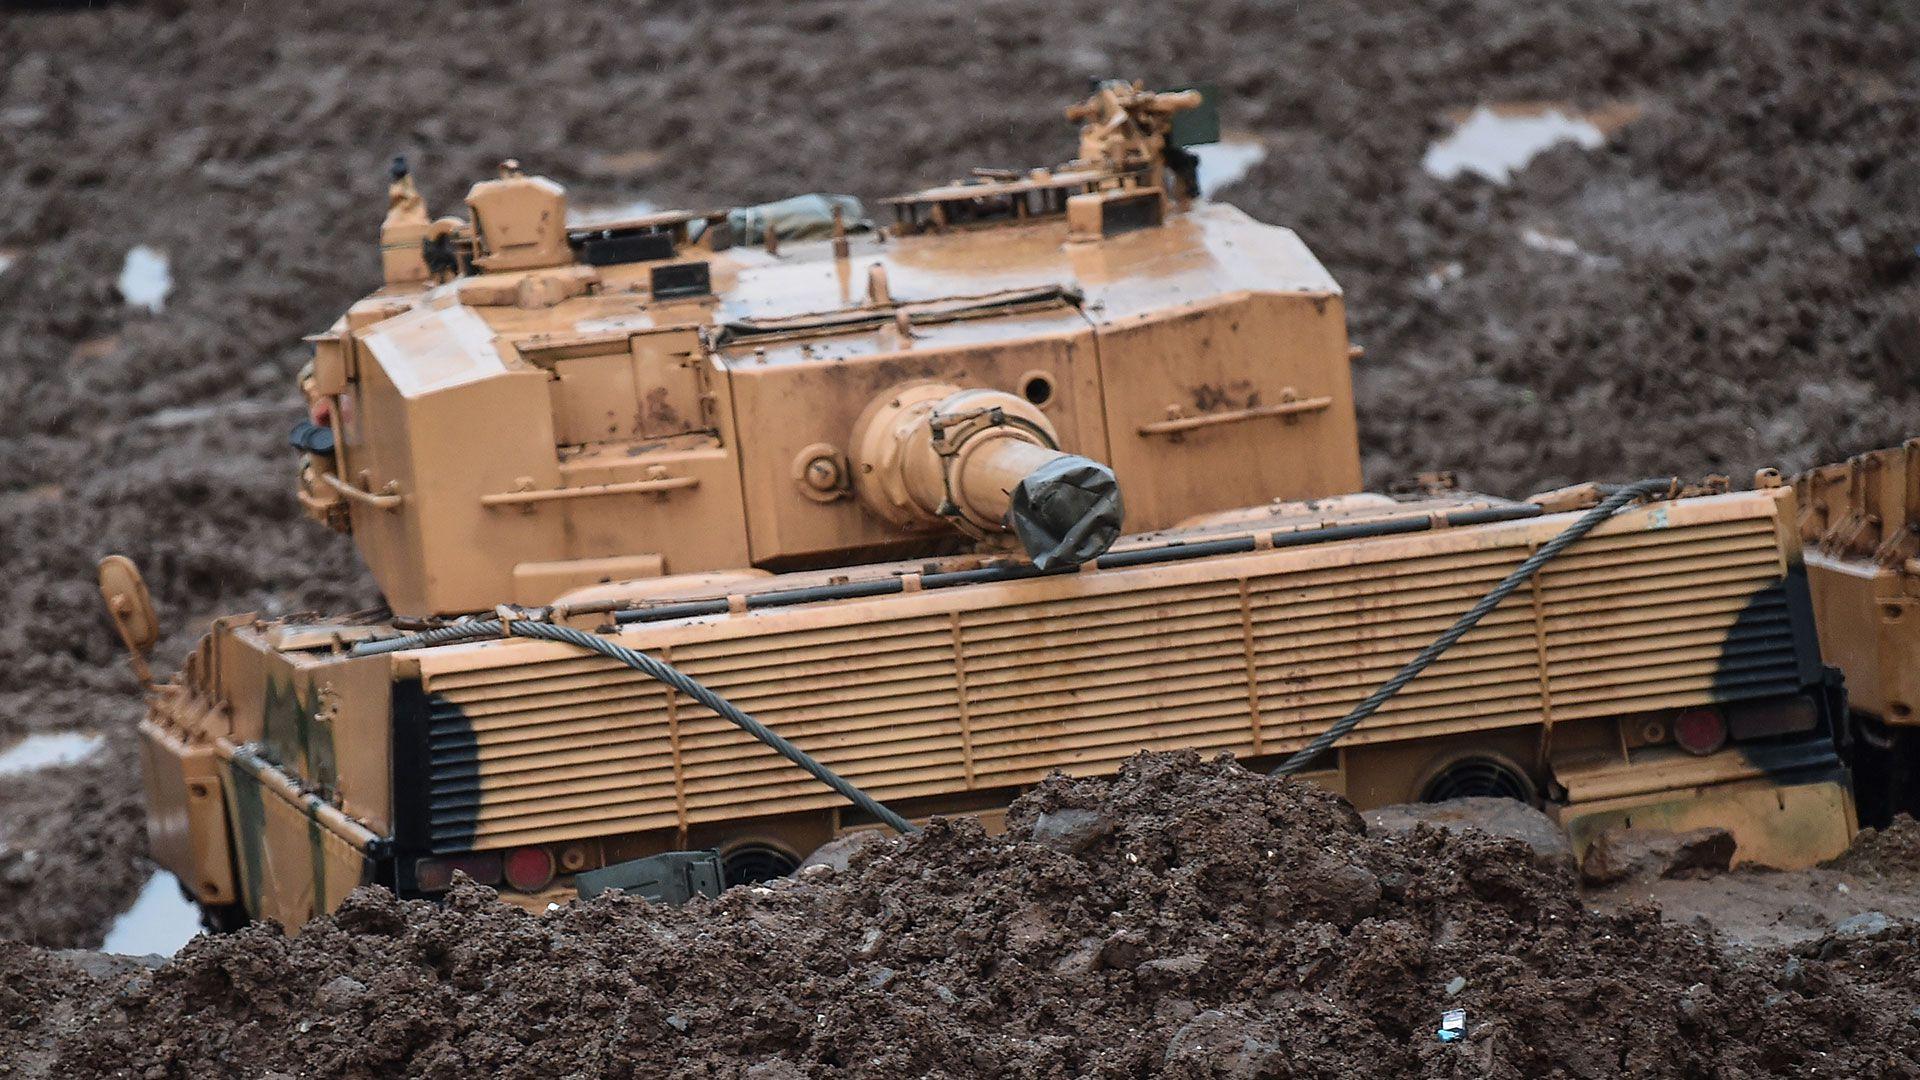 Un tanque Leopard 2A4 perteneciente a las Fuerzas Armadas turcas y desplegado en 2018 en Afrin. Está fabricado en Alemania